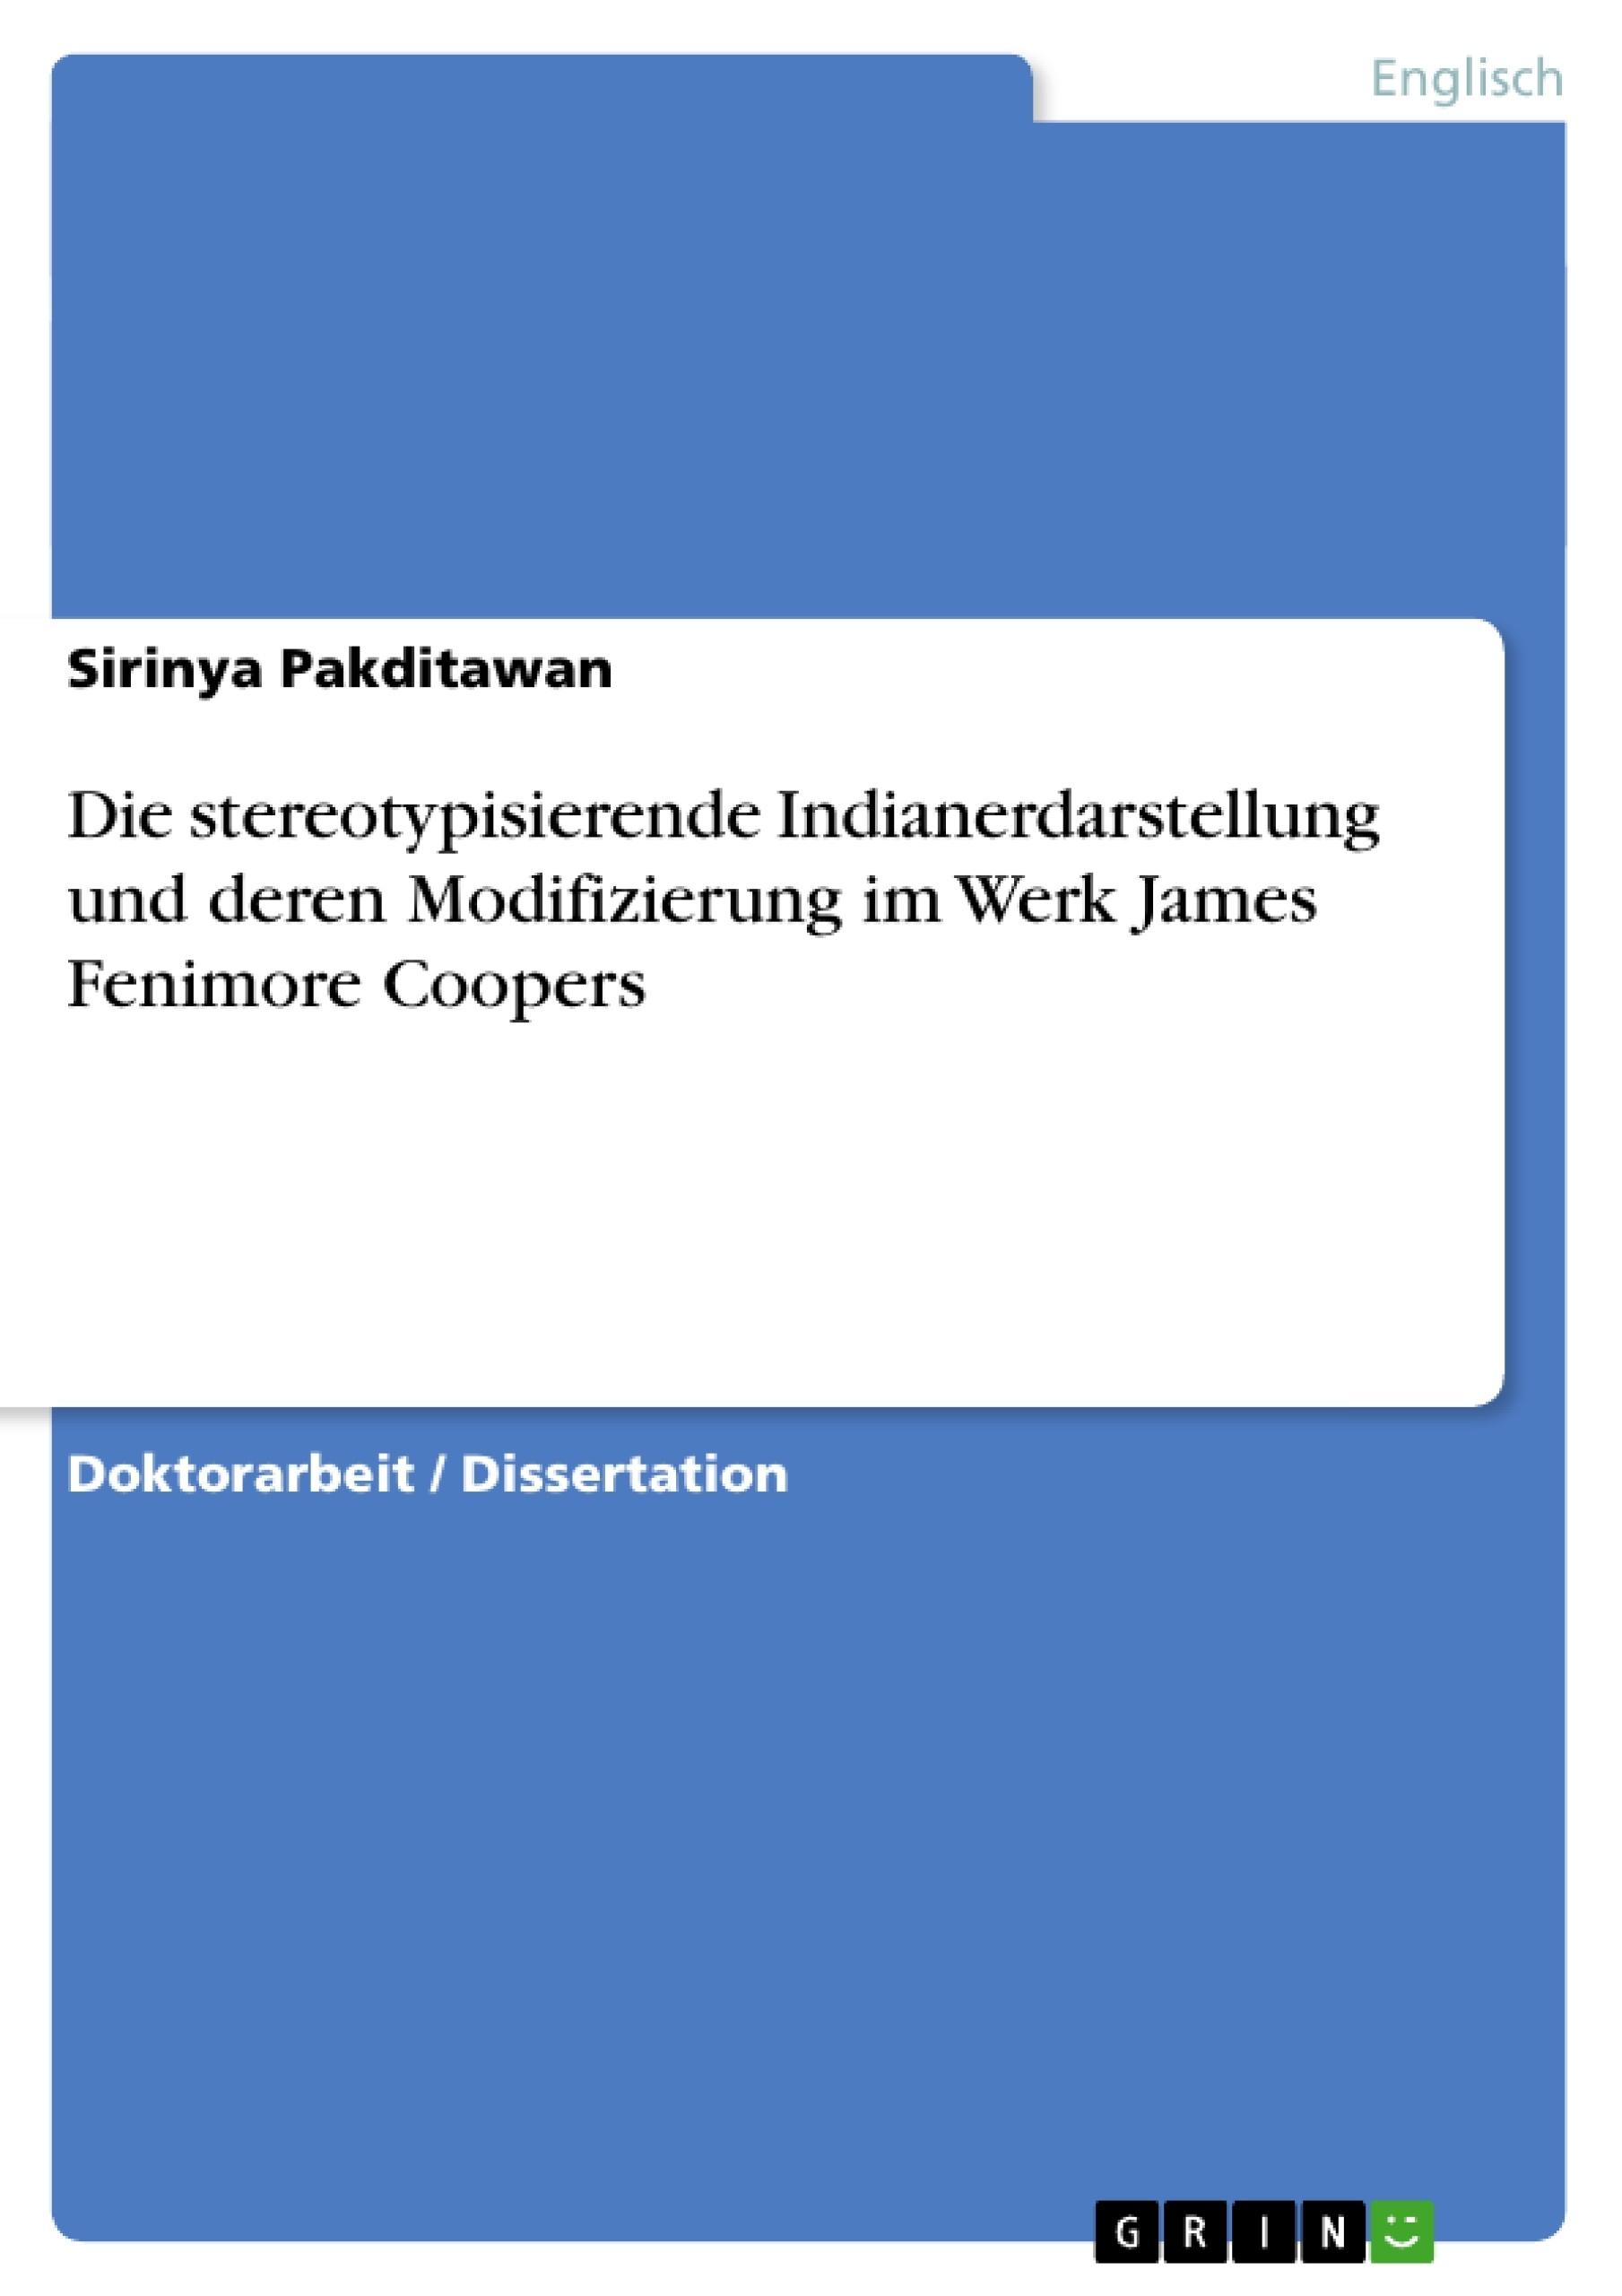 Titel: Die stereotypisierende Indianerdarstellung und deren Modifizierung im Werk James Fenimore Coopers